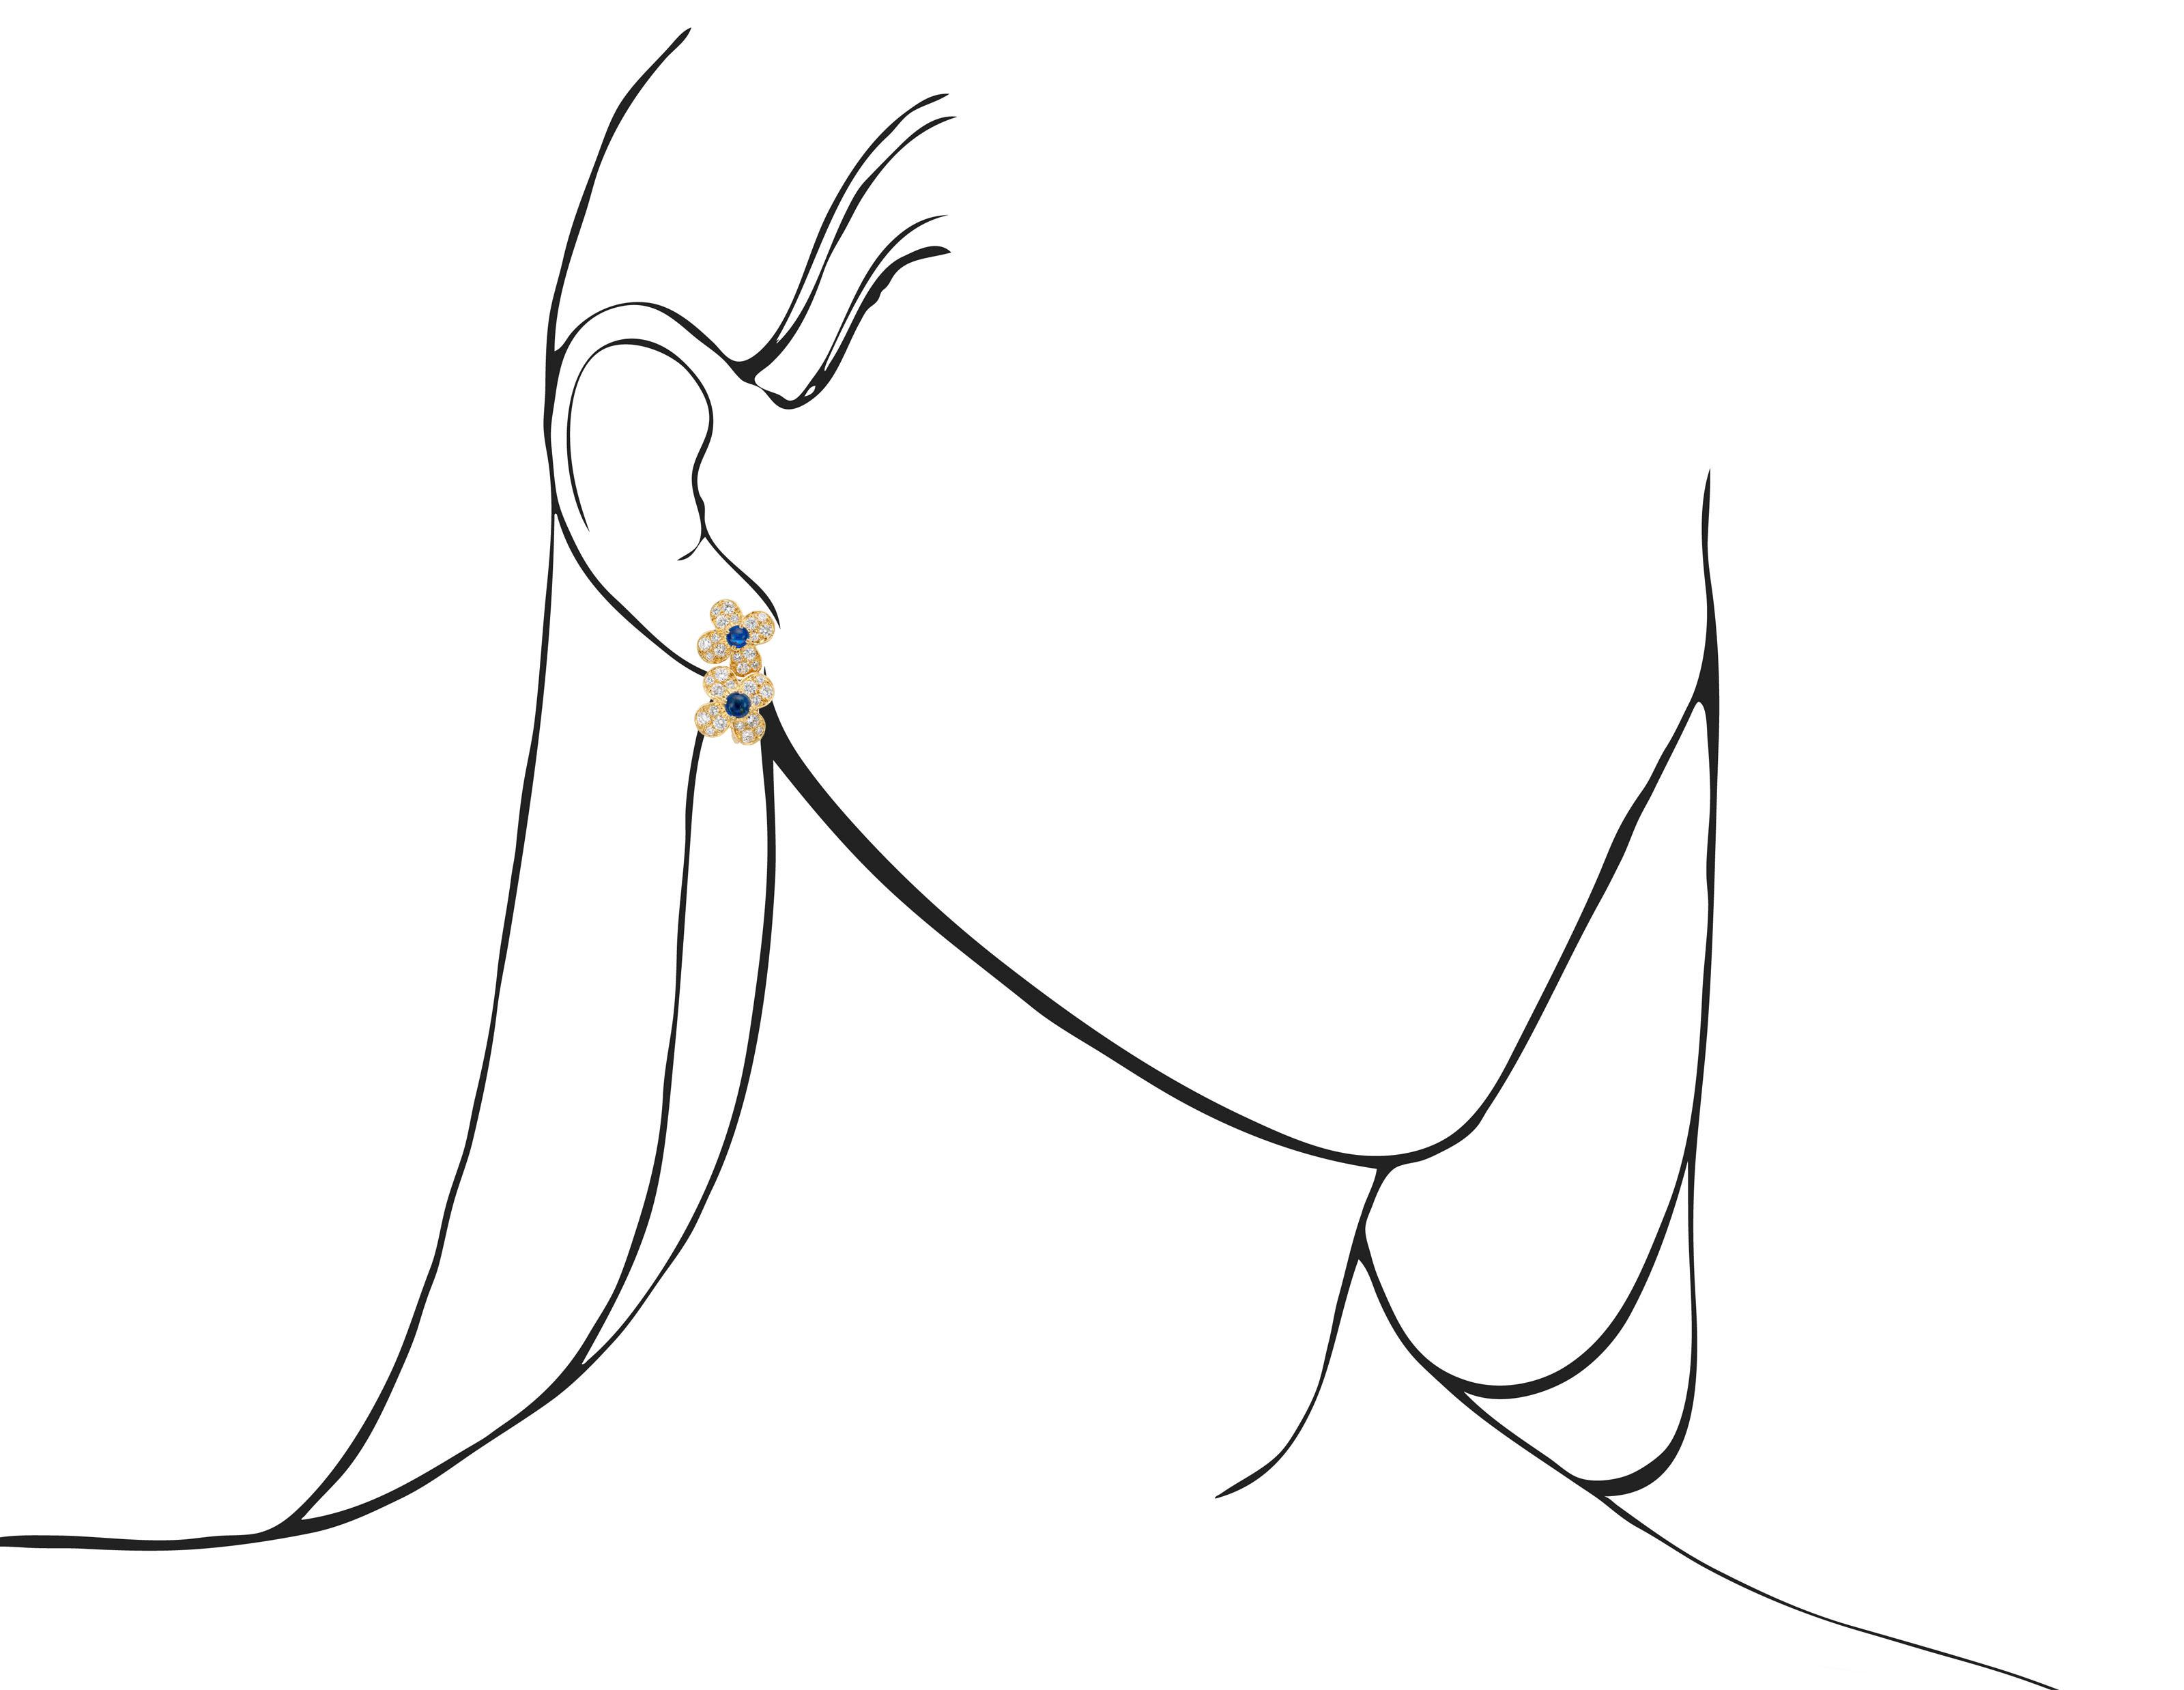 VAN CLEEF & ARPELS SAPPHIRE AND DIAMOND FLORAL EARRINGS